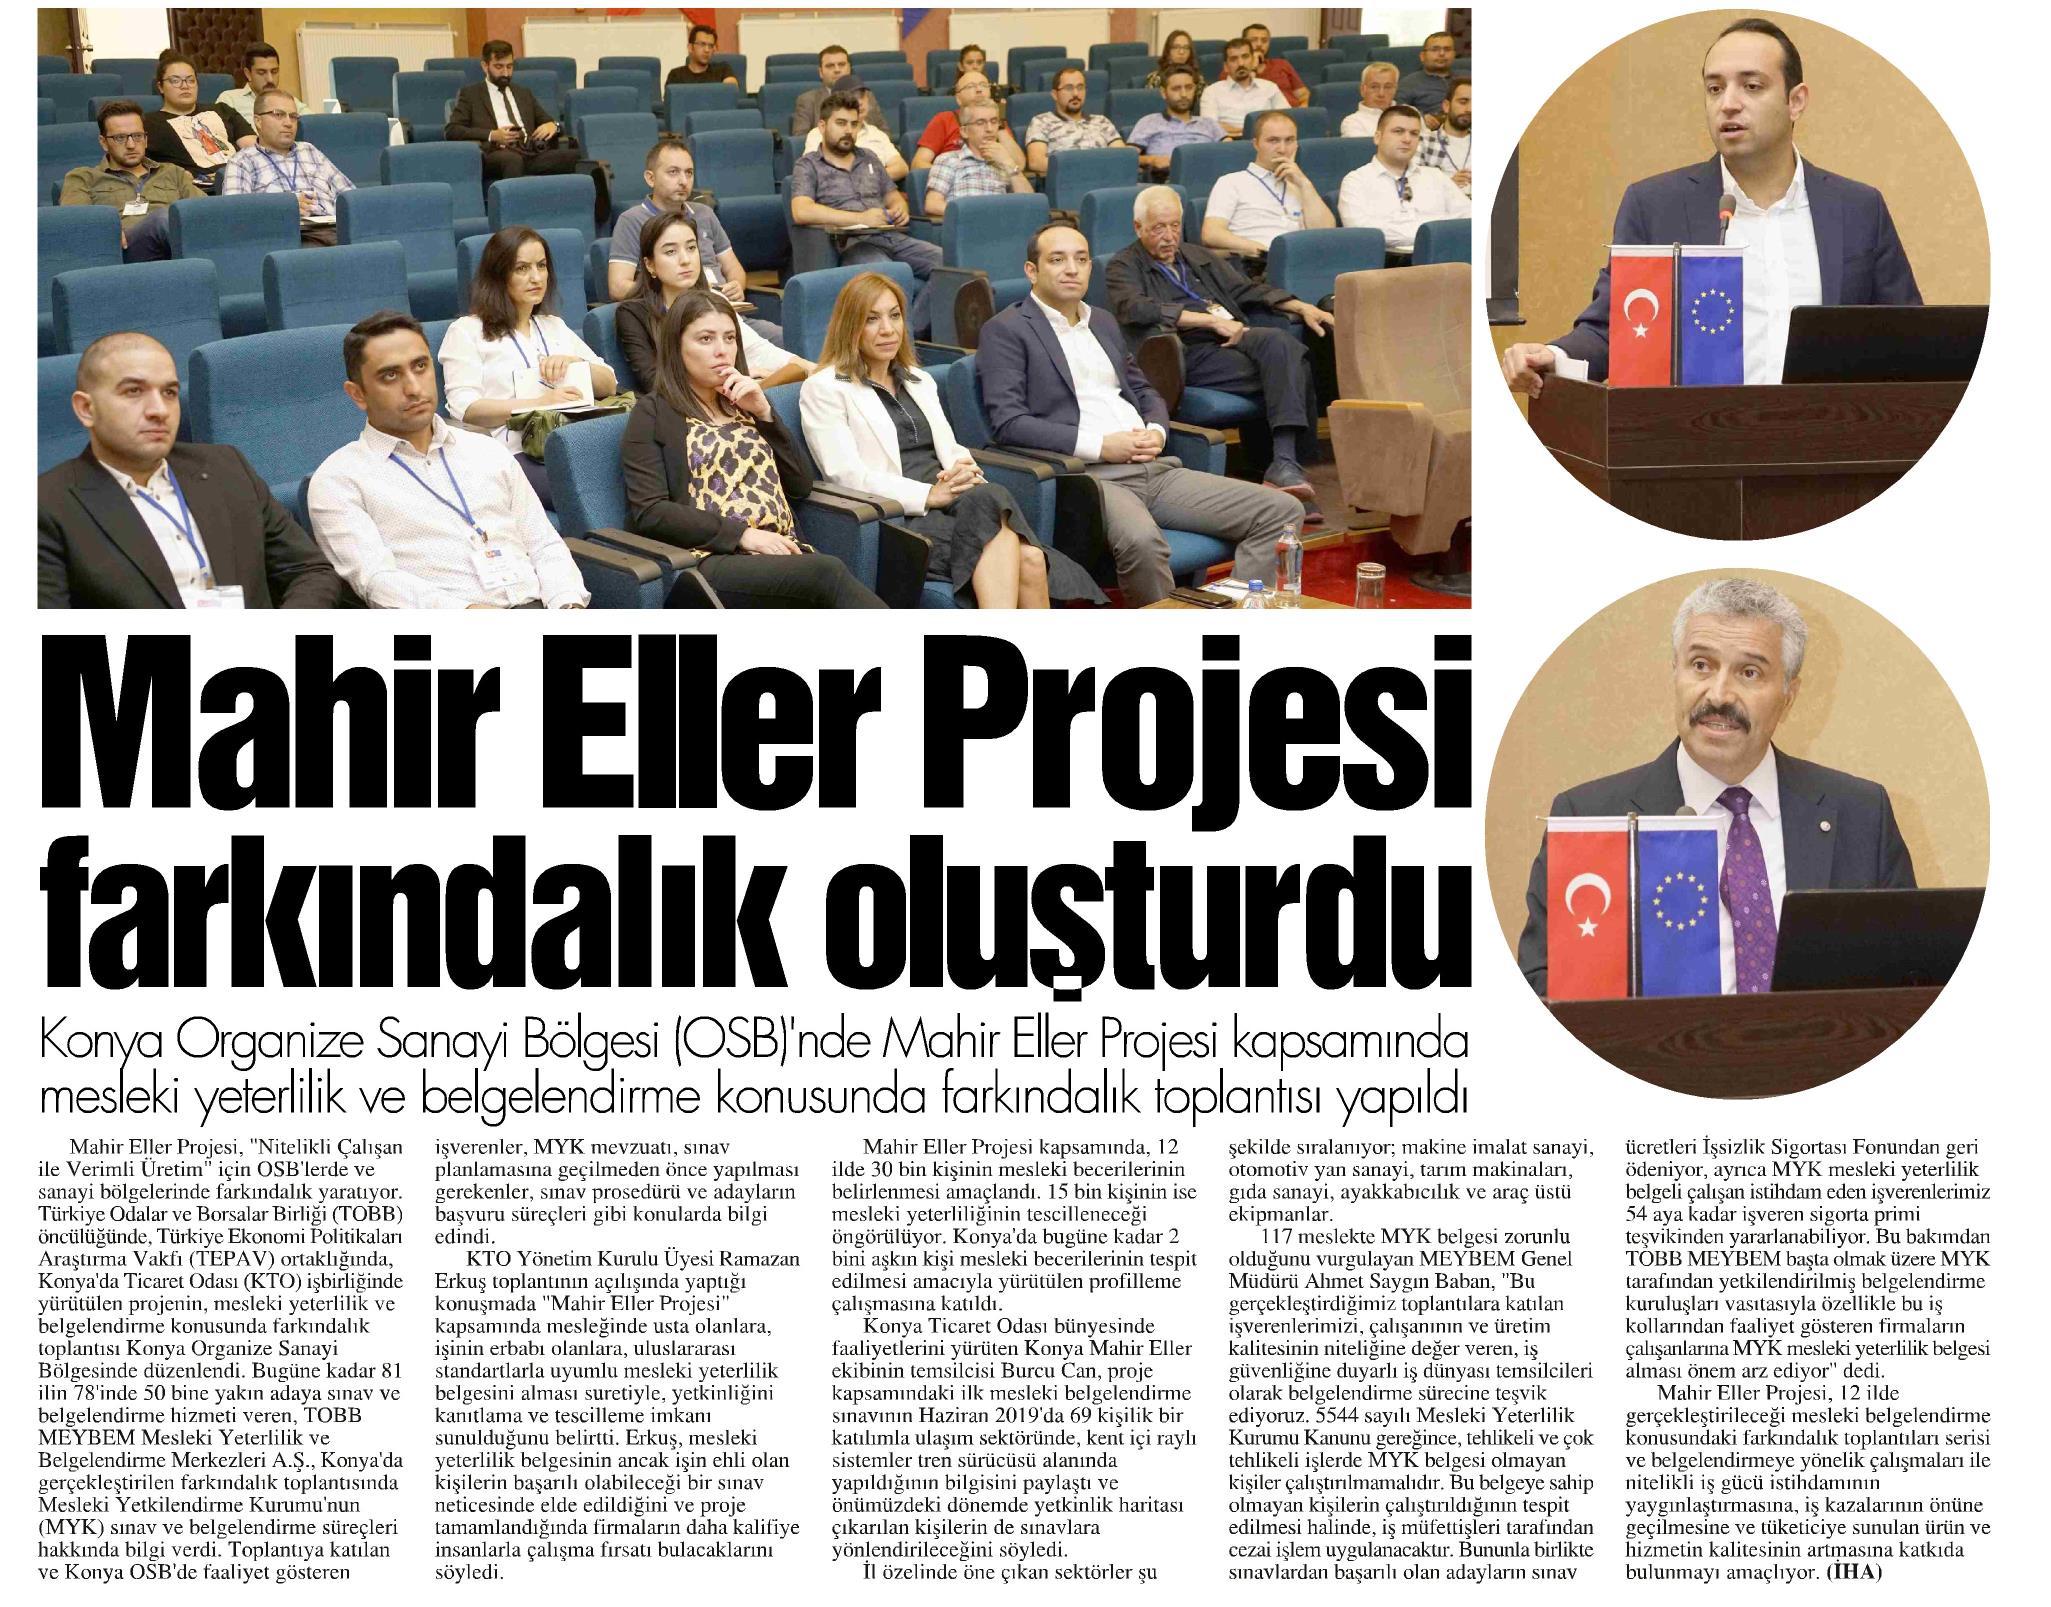 Mahir Eller Projesi Farkındalık Oluşturdu Konya Postası